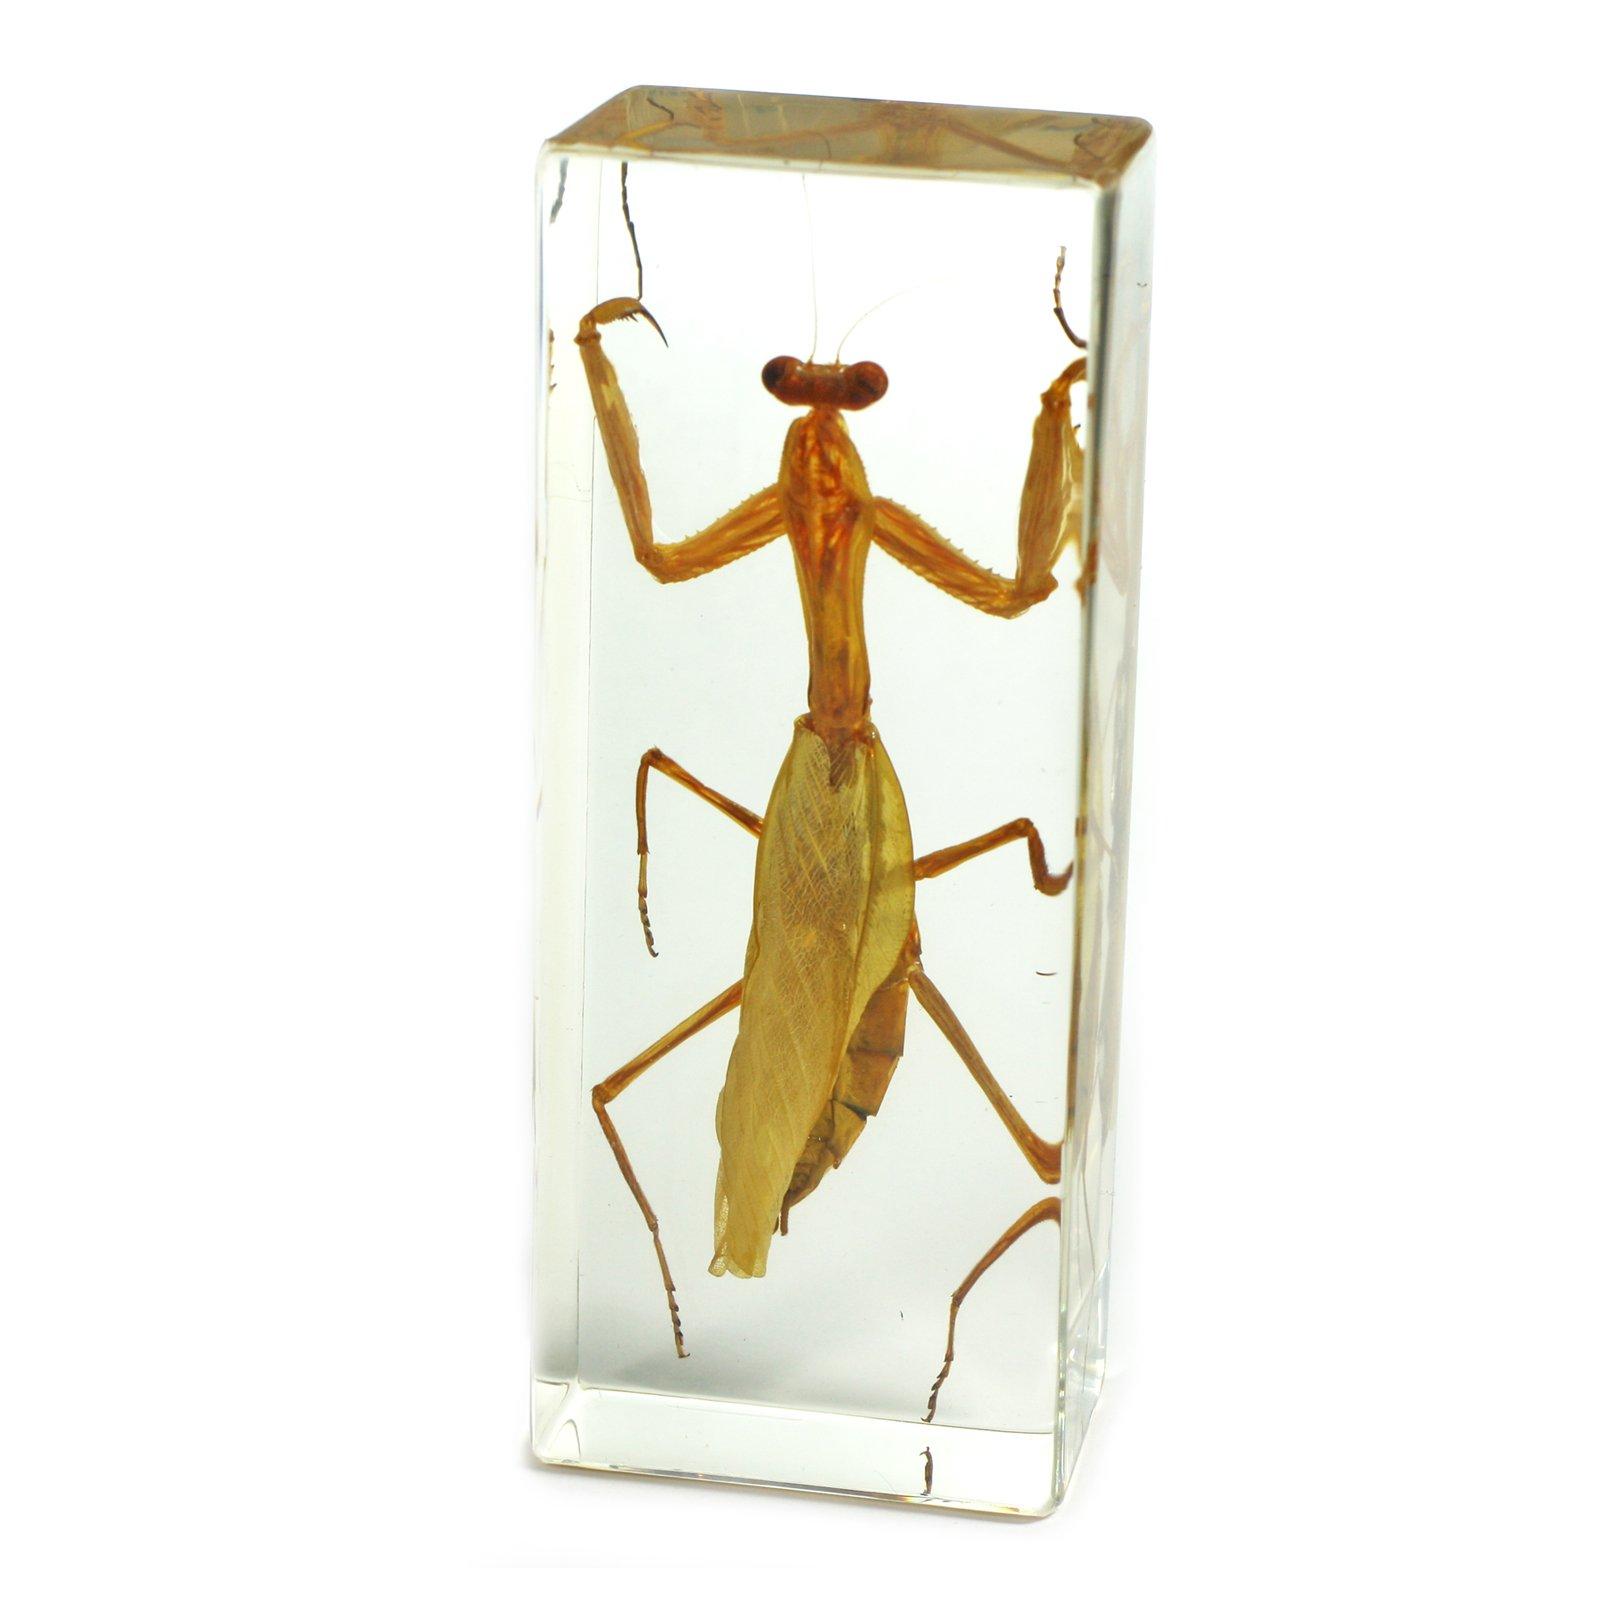 """REALBUG Praying Mantis Paperweight (1 5/8 x 4 3/8 x 1 1/8"""")"""